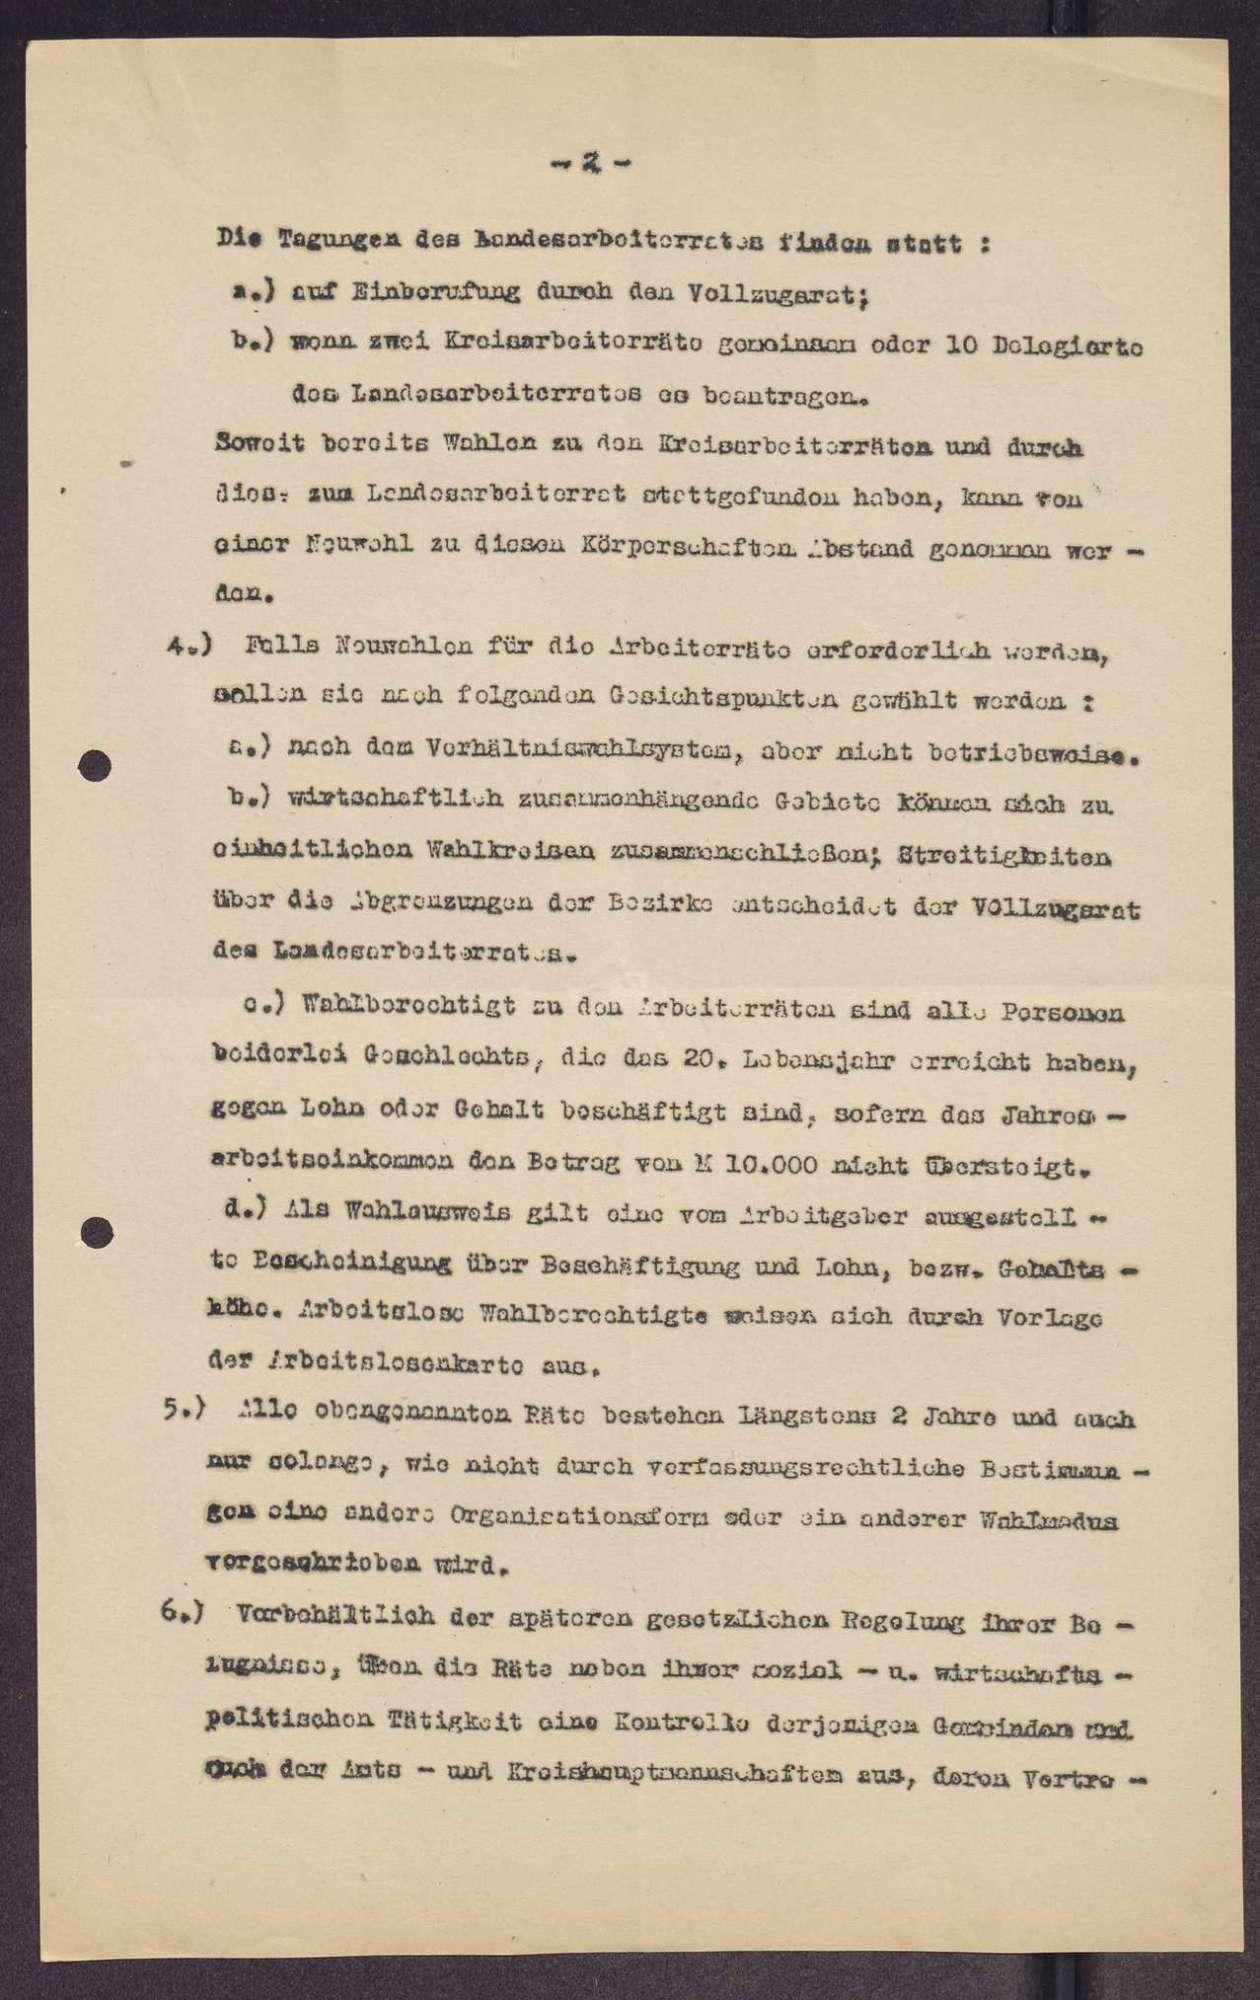 Organisationsentwurf für die Arbeiterräte, Kreisarbeiterräte und den Landessrat in Sachsen, Bild 2